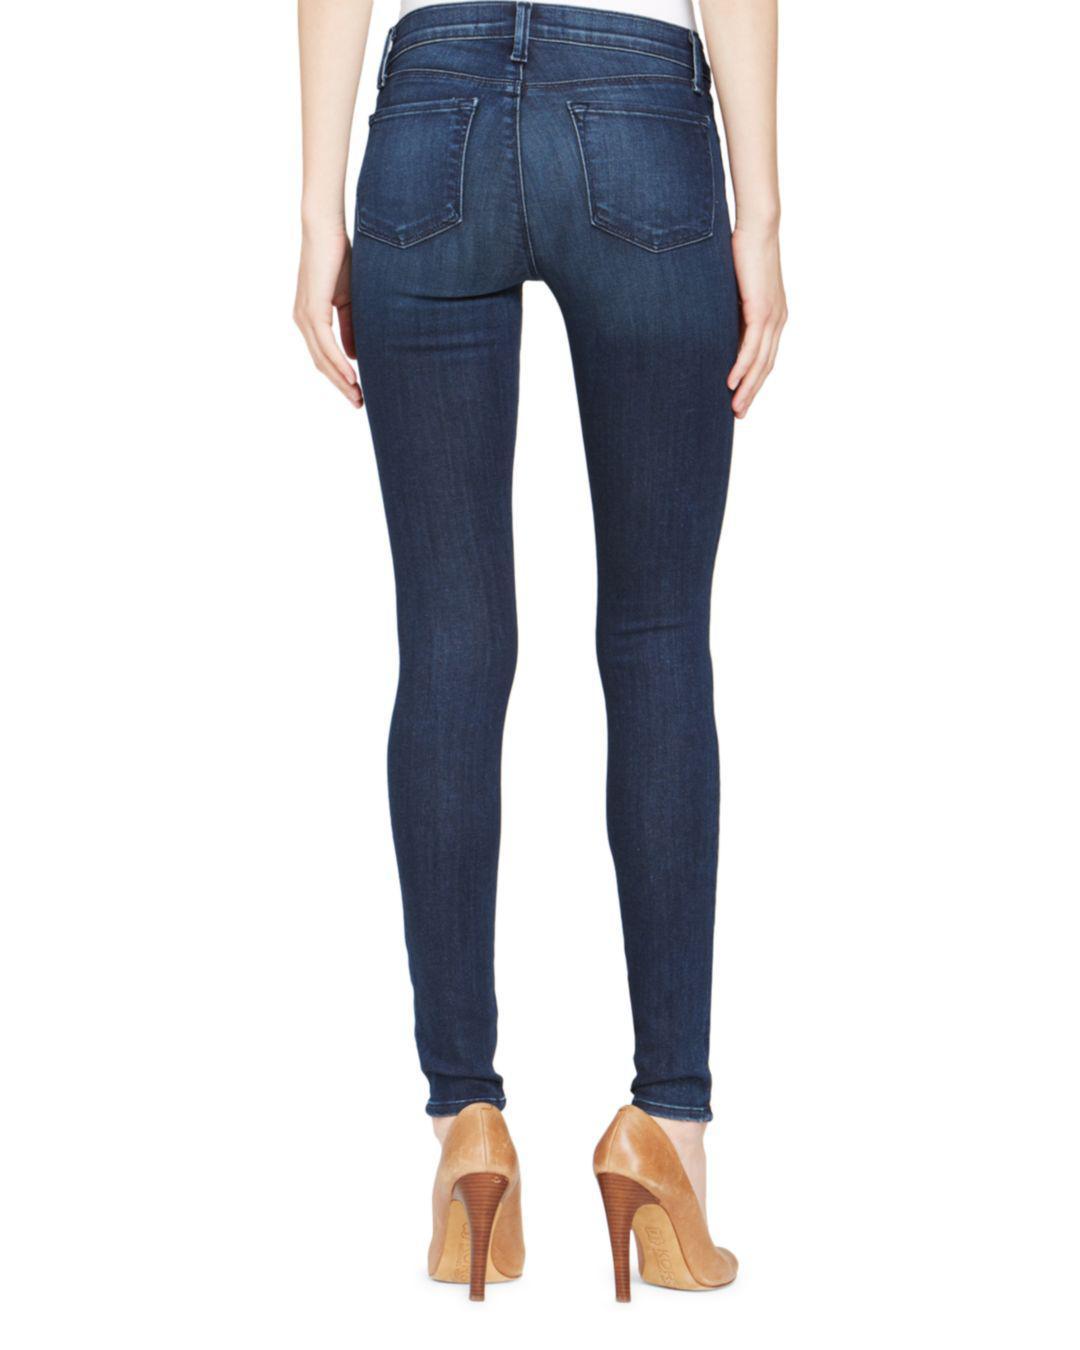 b62dc29d49c9 J Brand Jeans - 620 Mid Rise Super Skinny In Fix in Blue - Save 51% - Lyst